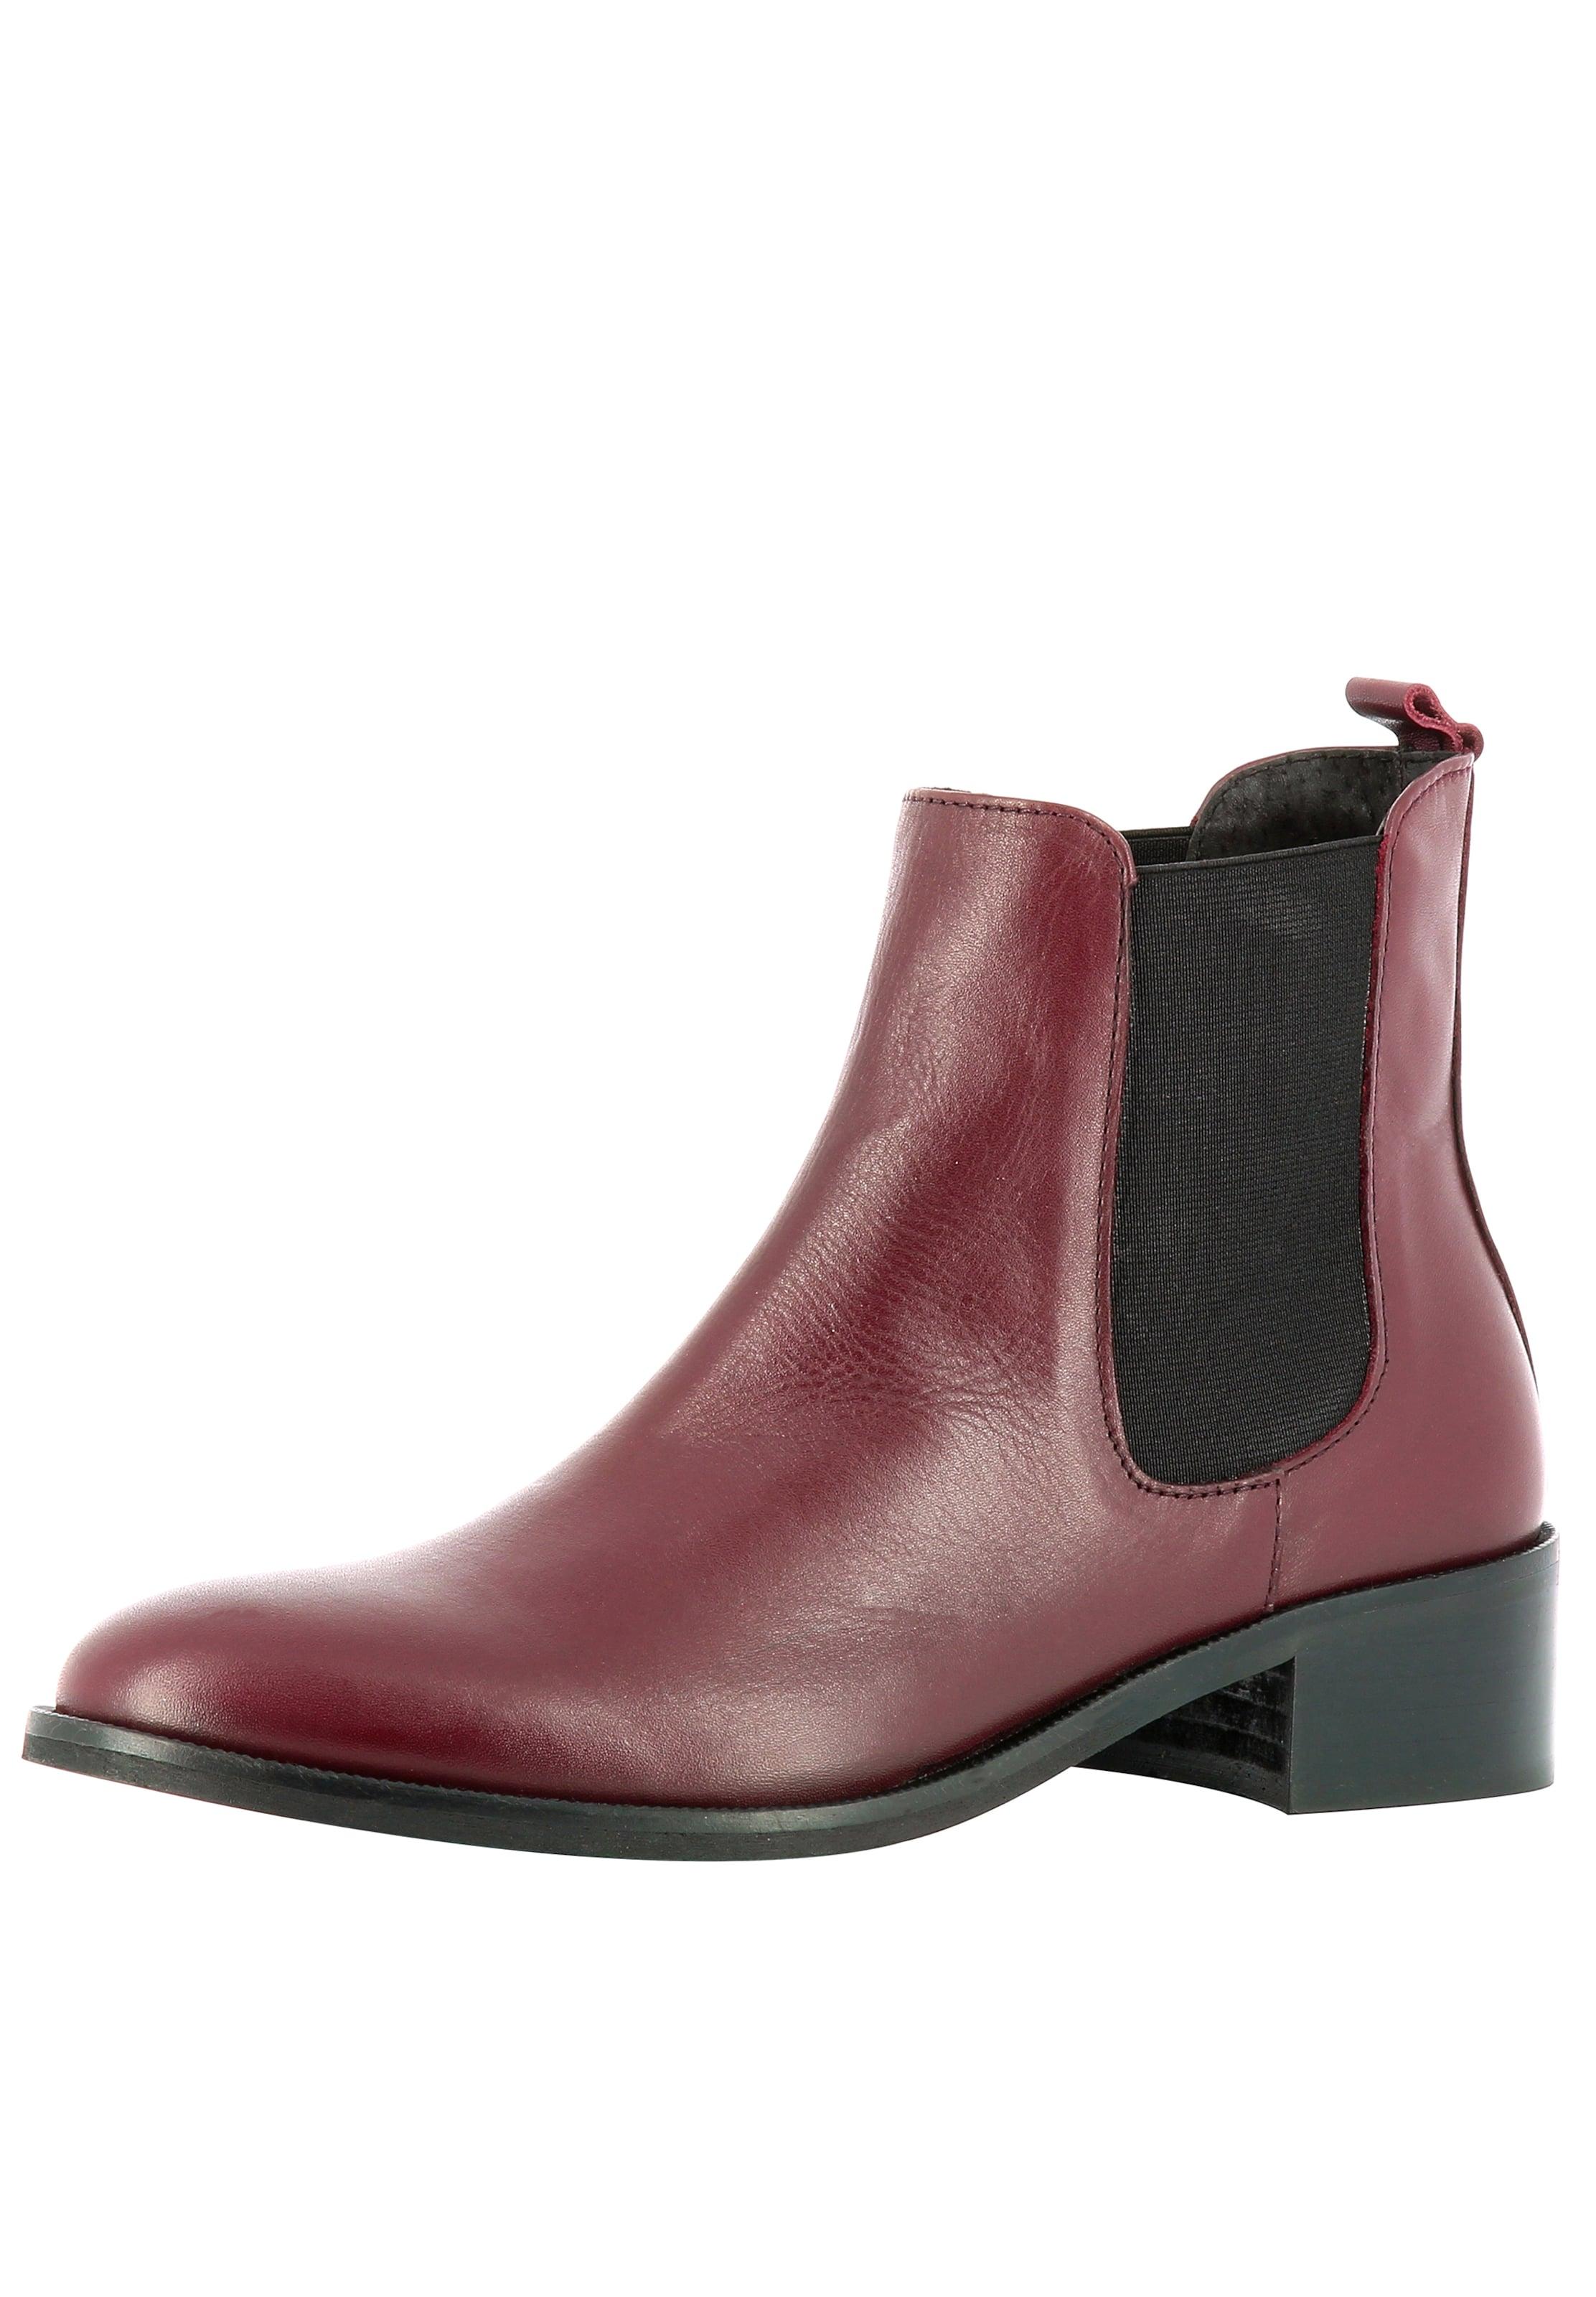 EVITA Reiterstiefelette Verschleißfeste billige Schuhe Hohe Qualität